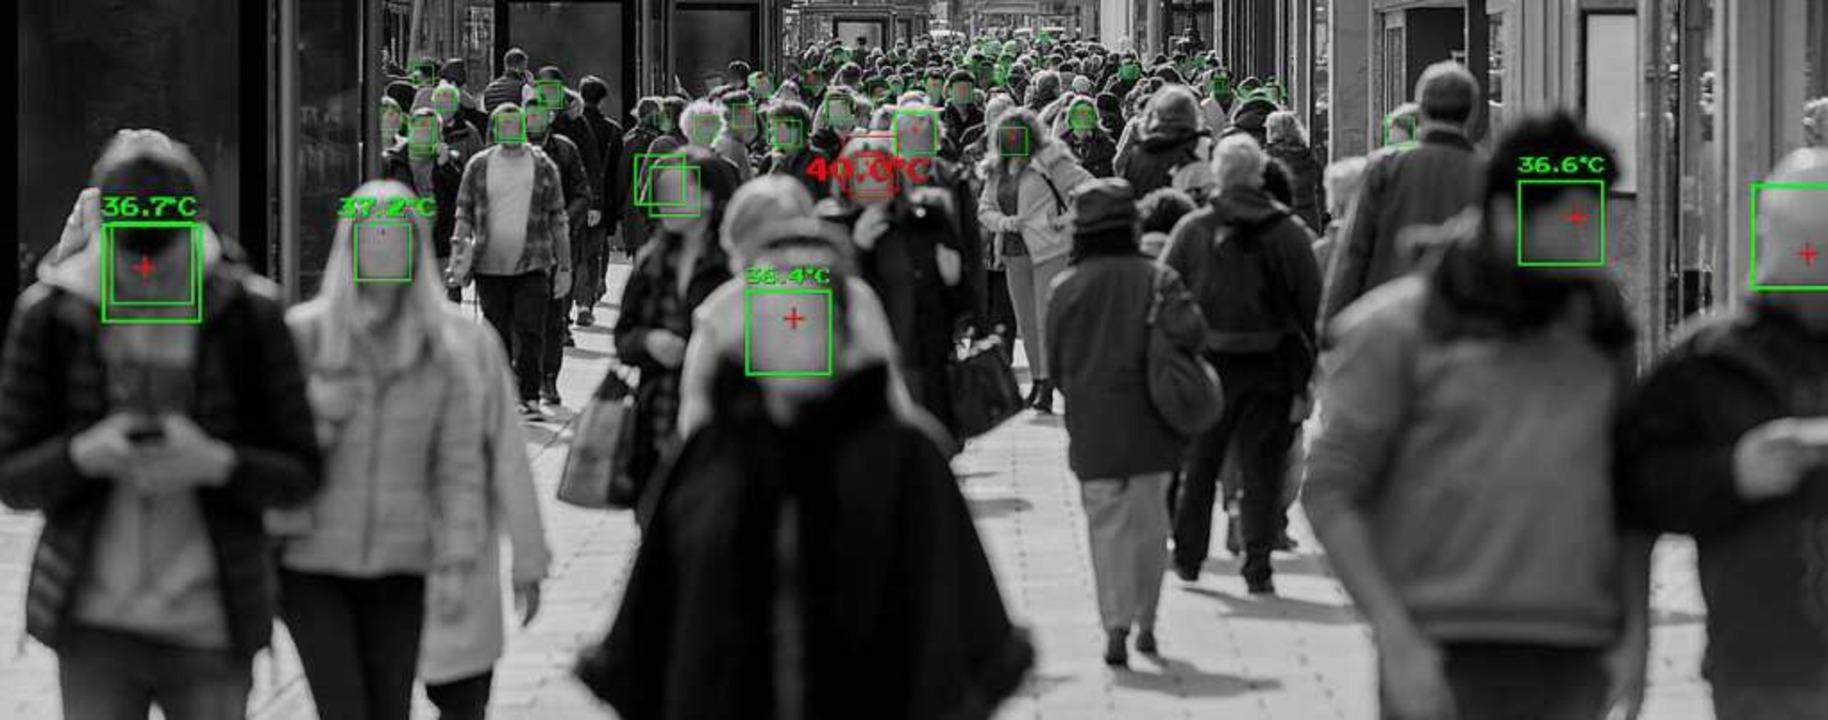 Temperatur messen via Überwachungskamera: Wollen wir das, Pandemie hin oder her?    Foto: Leszek